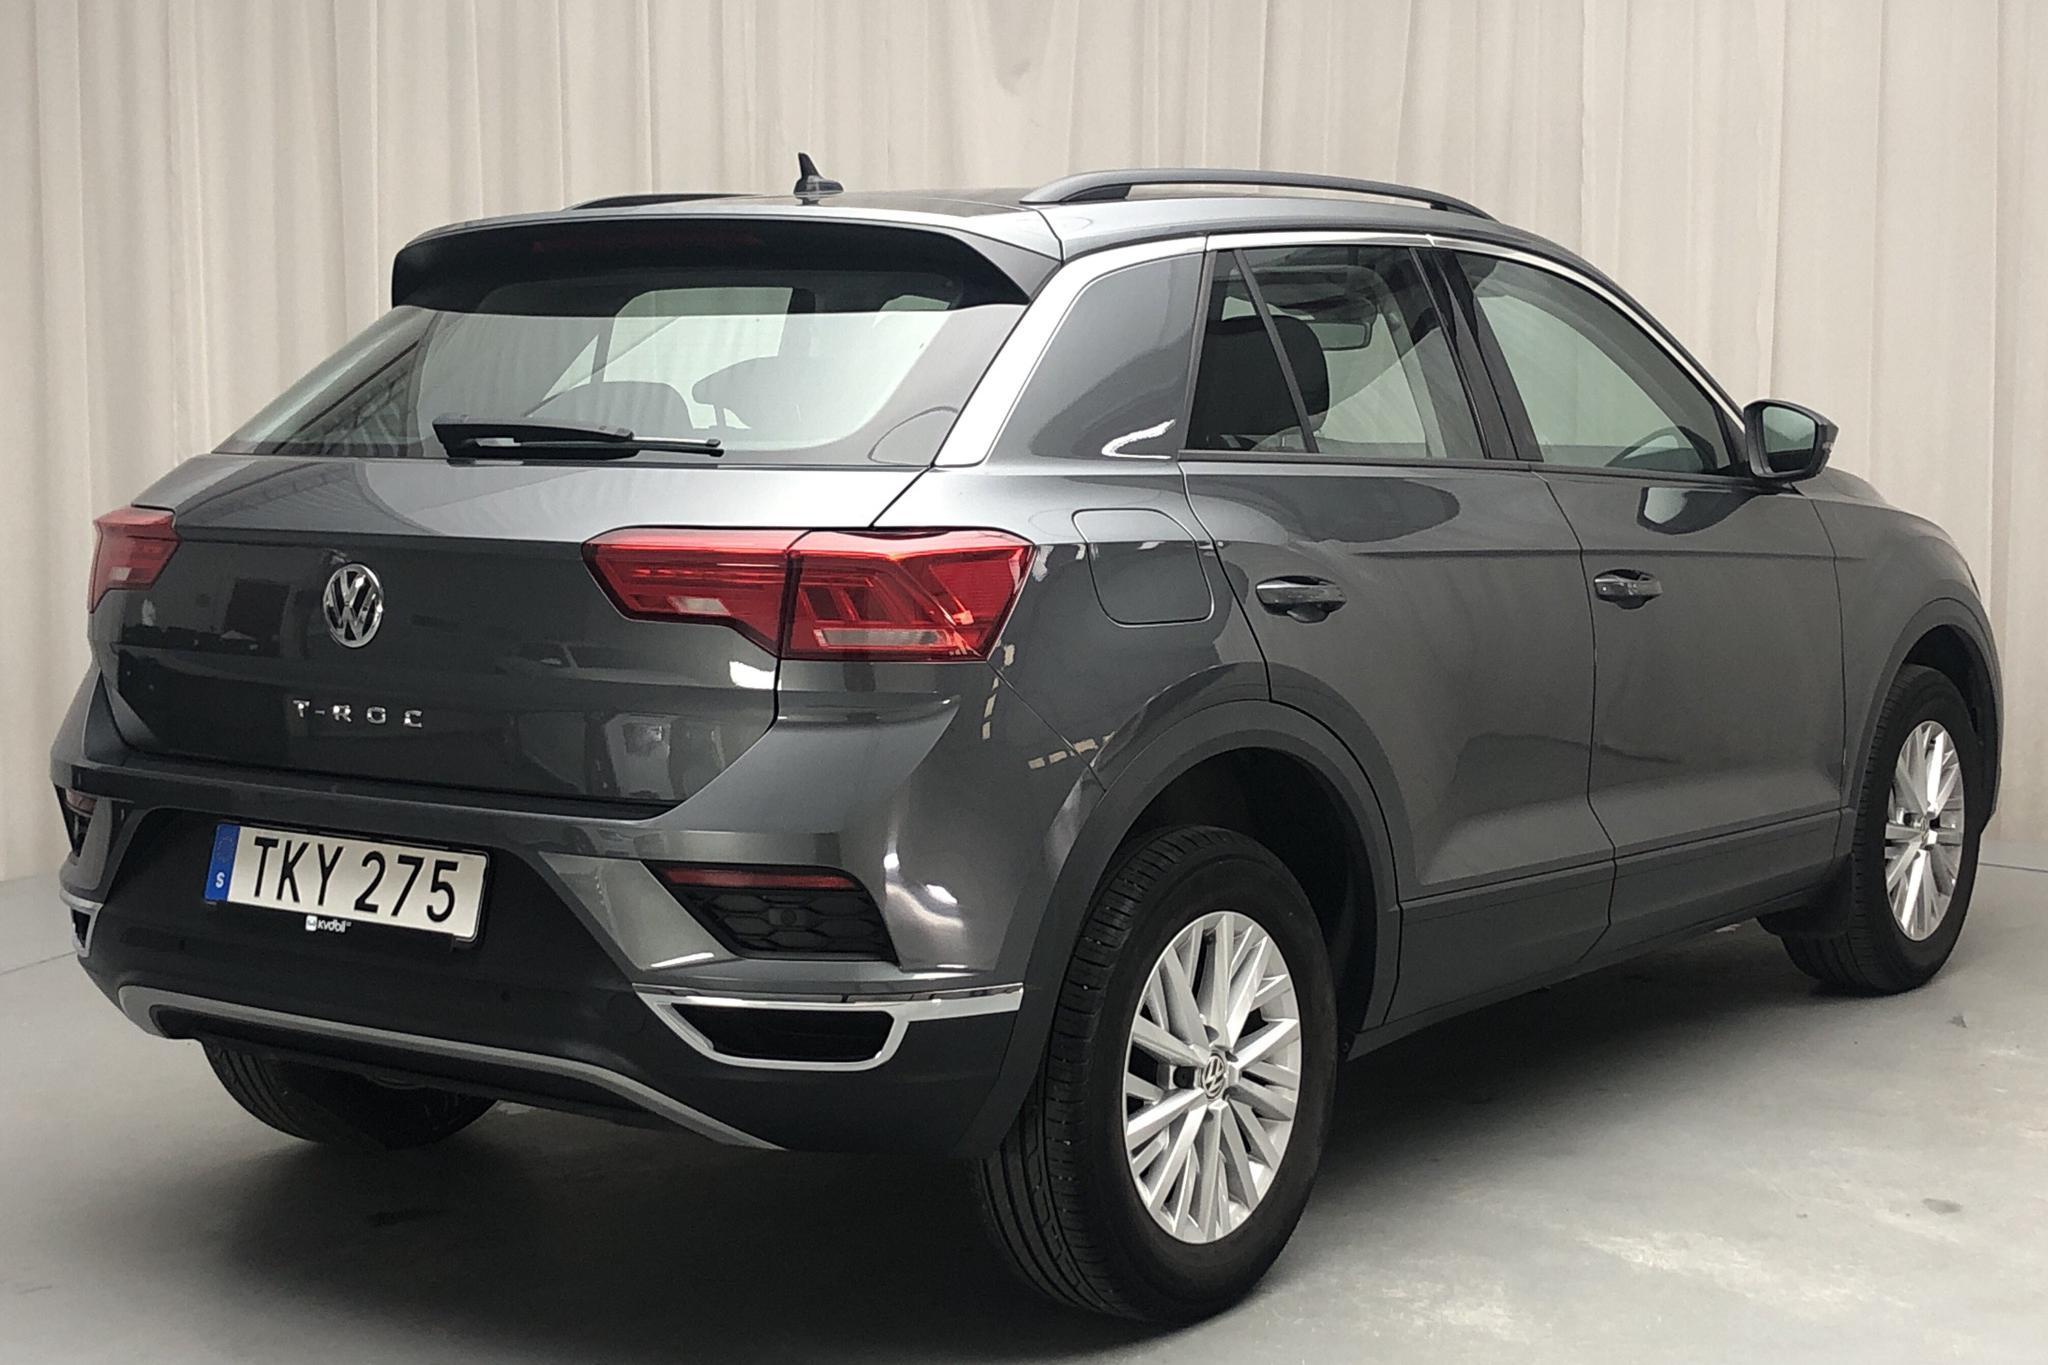 VW T-Roc 1.0 TSI (115hk) - 35 350 km - Manual - gray - 2018